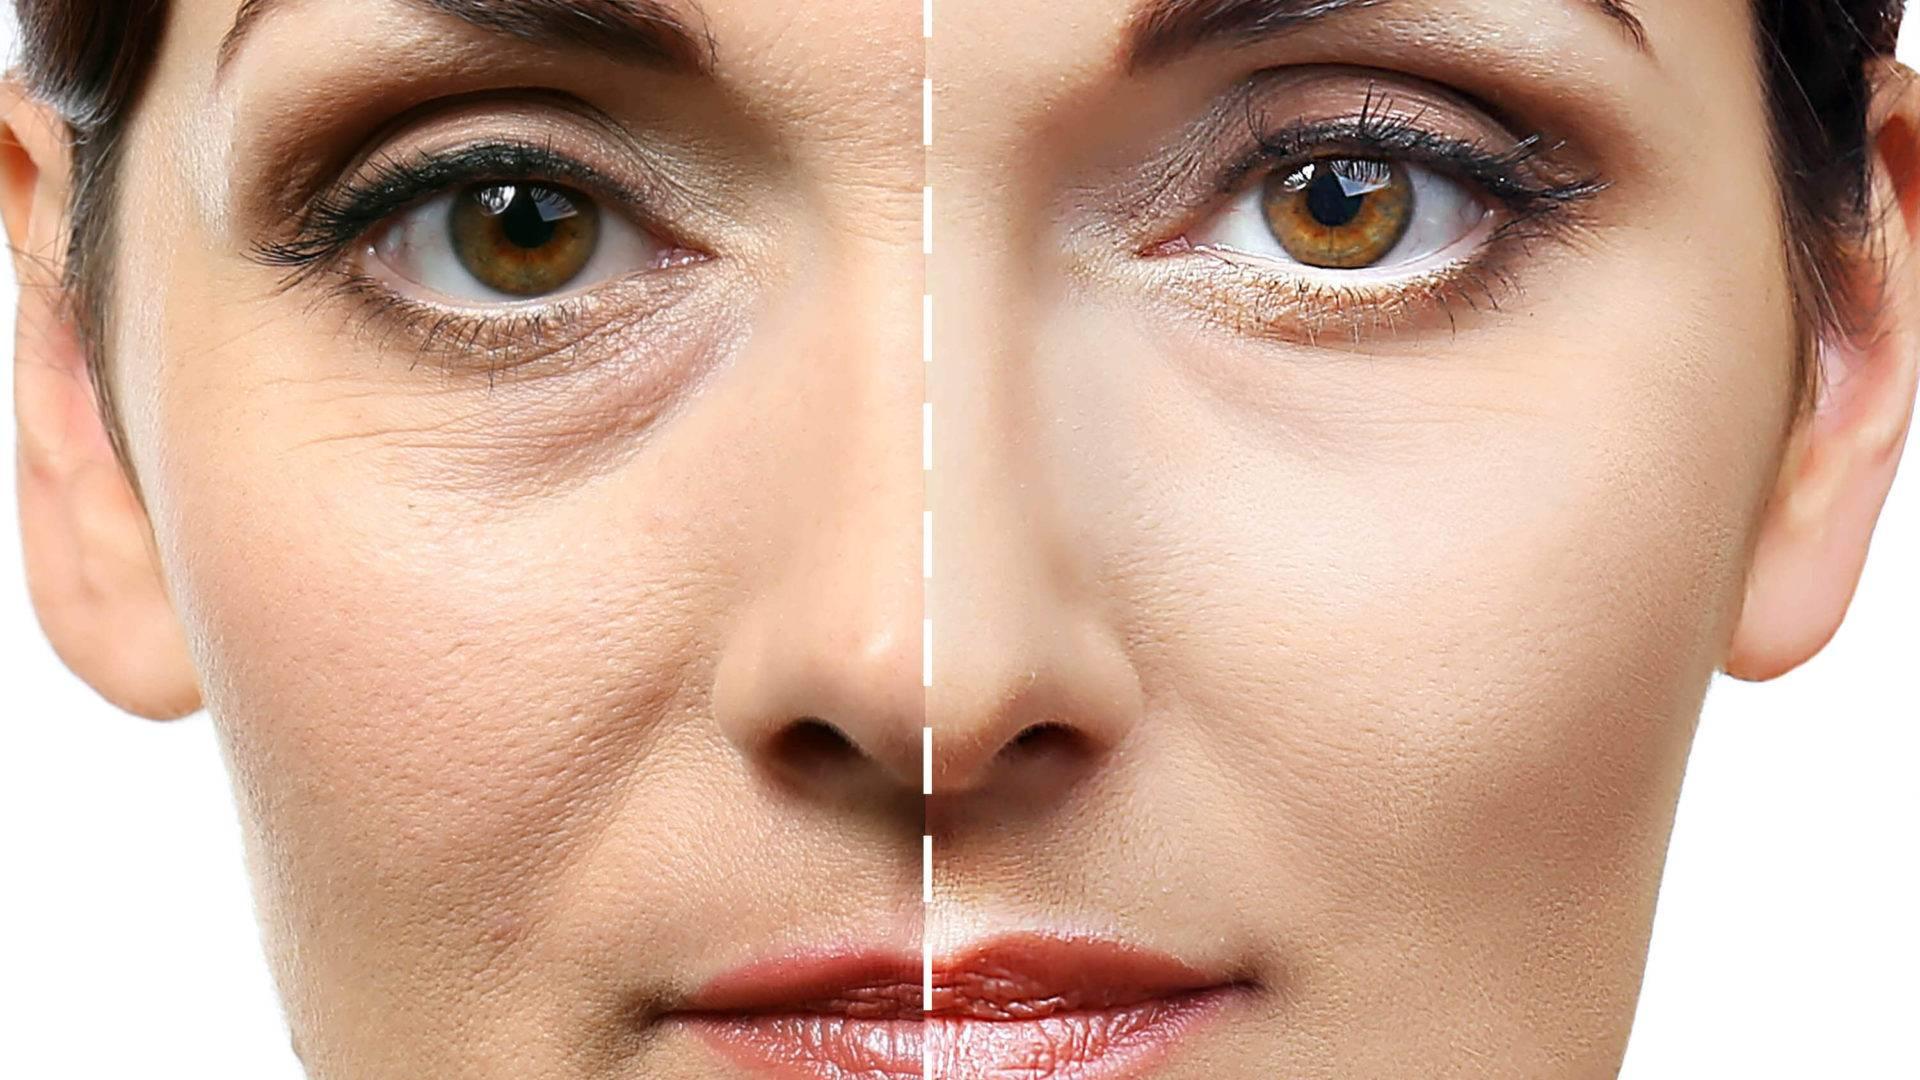 Тонкая кожа - причины истончения кожи. тонкая кожа на лице и под глазами: правильный уход и укрепление